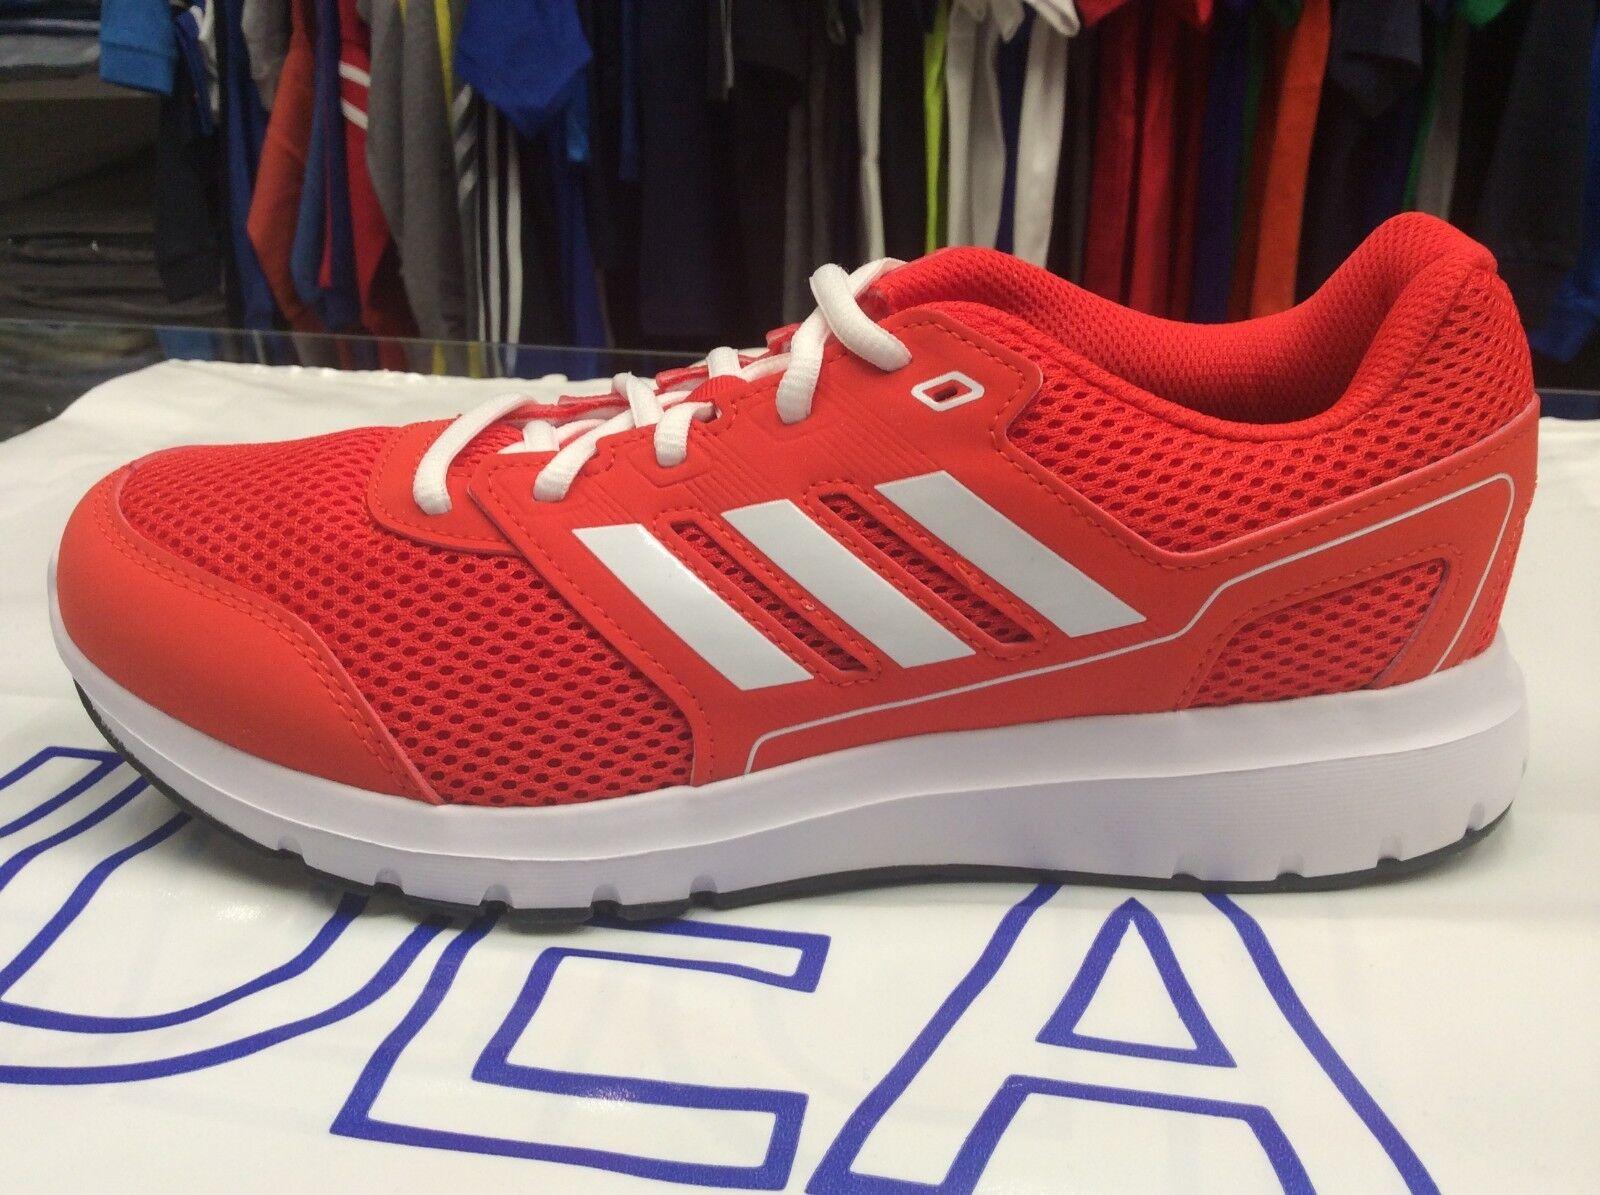 ADIDAS shoes DE HOMBRE RUNNING DURAMO DURAMO DURAMO LITIGIO 2.0 art. CG4046 red CG4049 REAL c20cbb